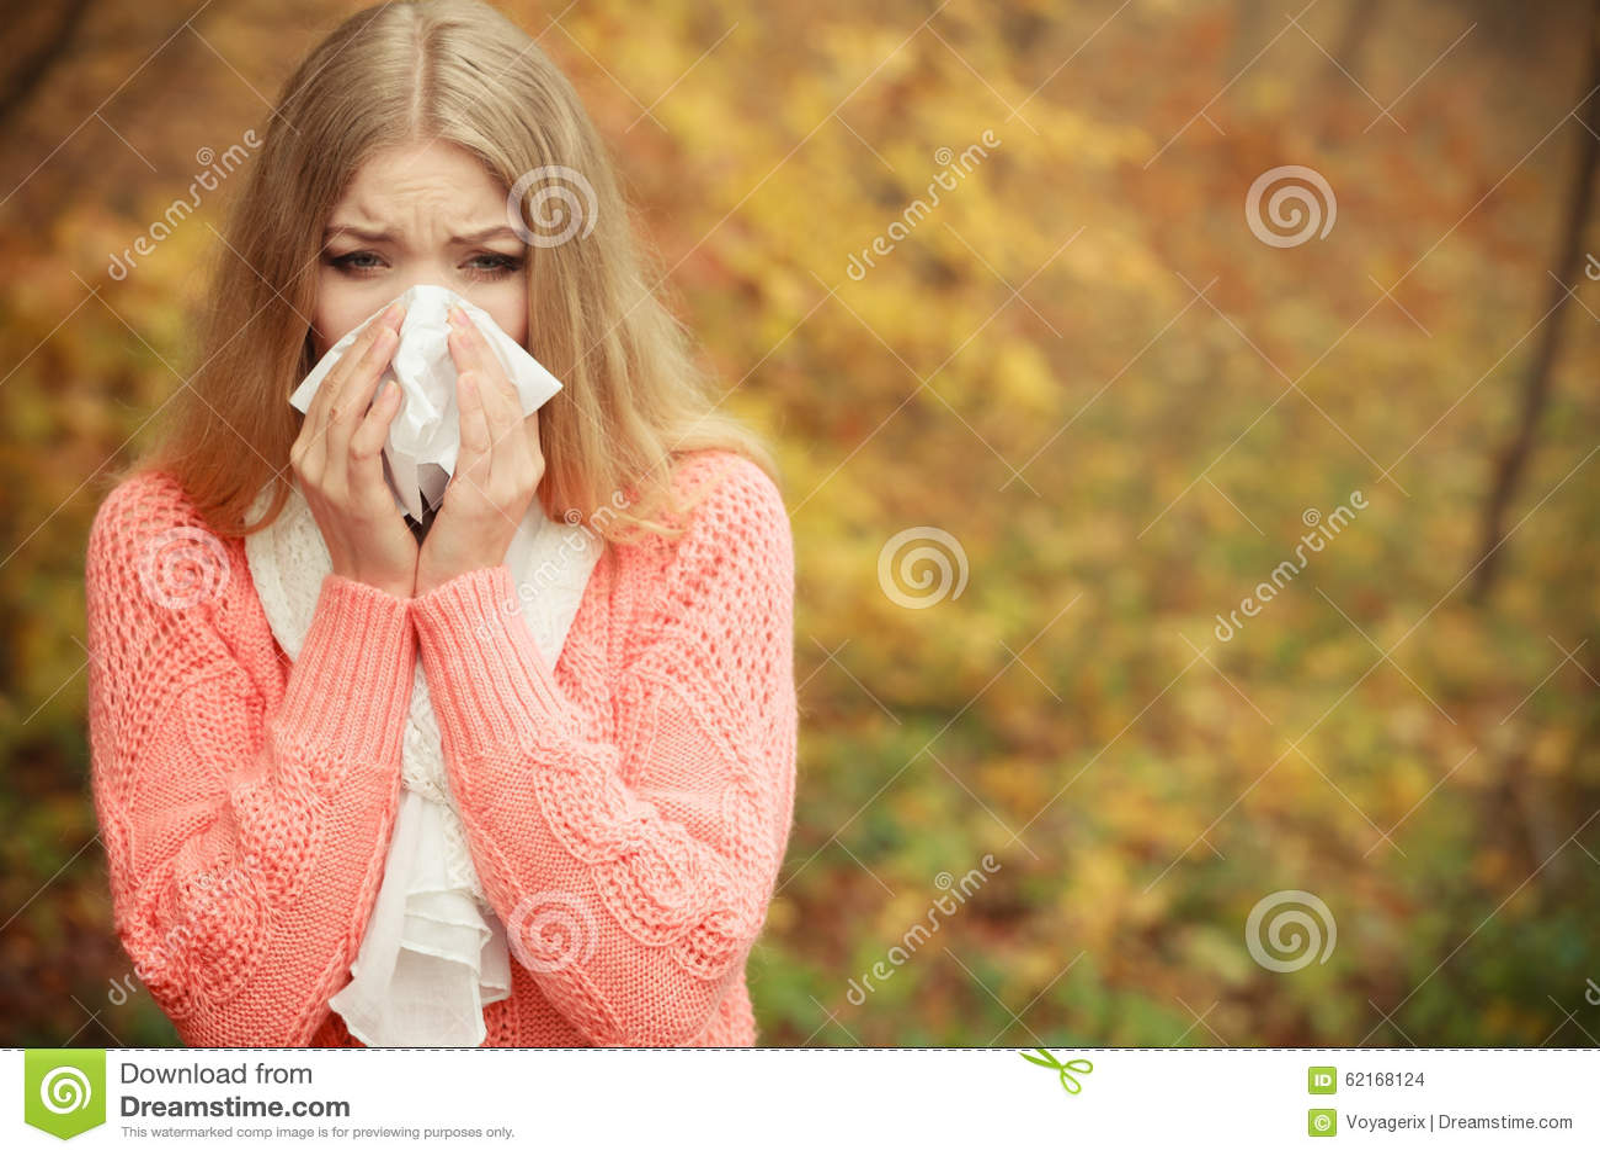 Den sjuka kvinnan i höst parkerar dåligt att nysa i silkespapper